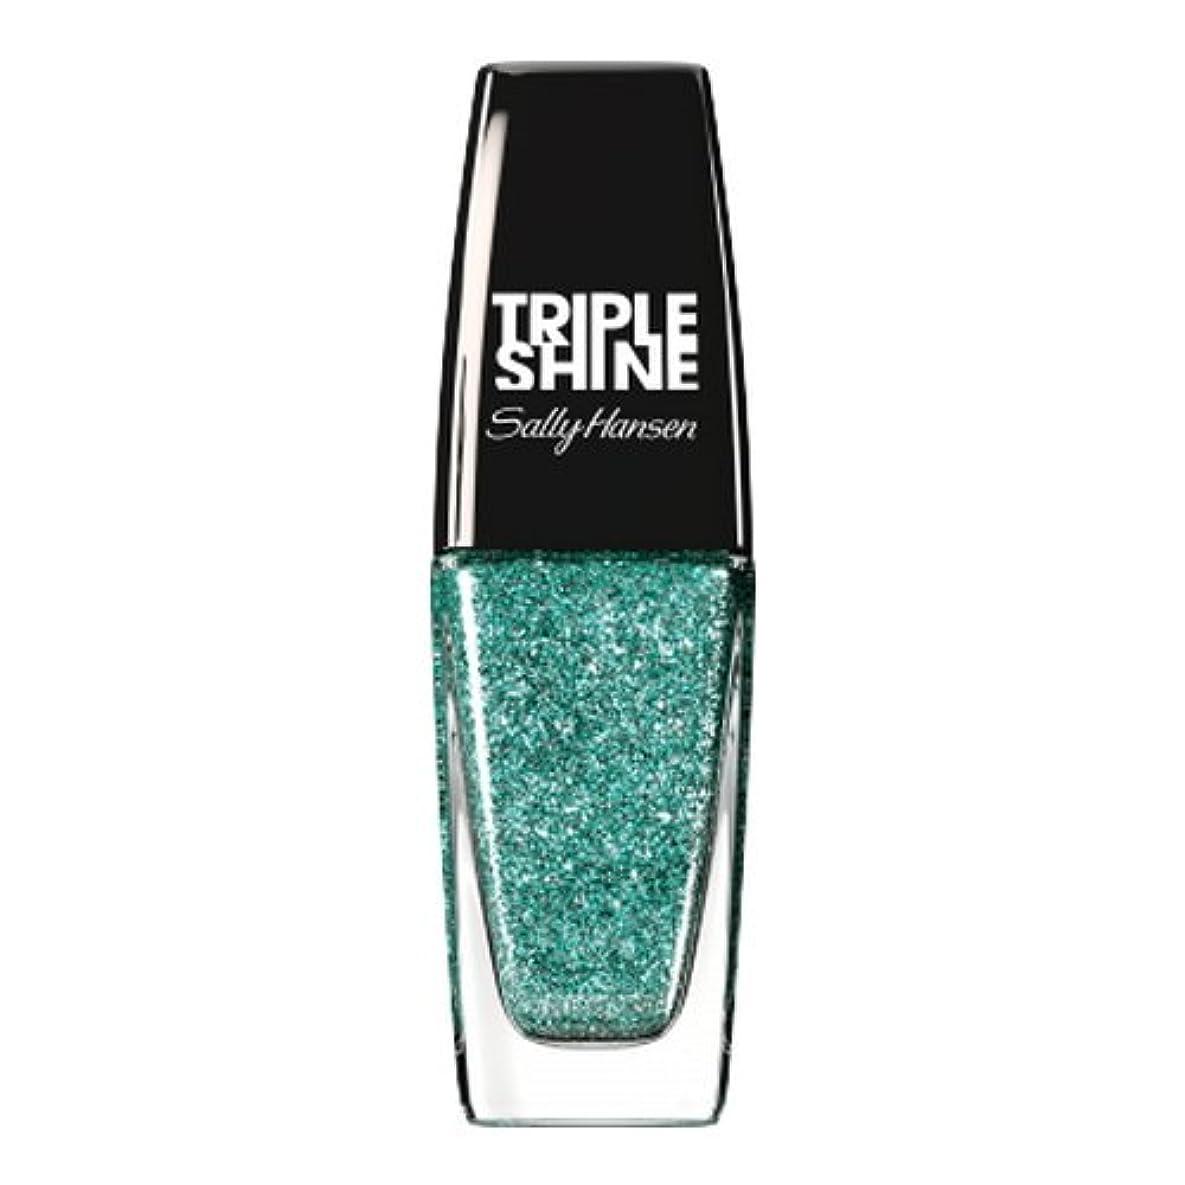 ブラインドスプリットヘルパーSALLY HANSEN Triple Shine Nail Polish - Fanta-Sea (並行輸入品)